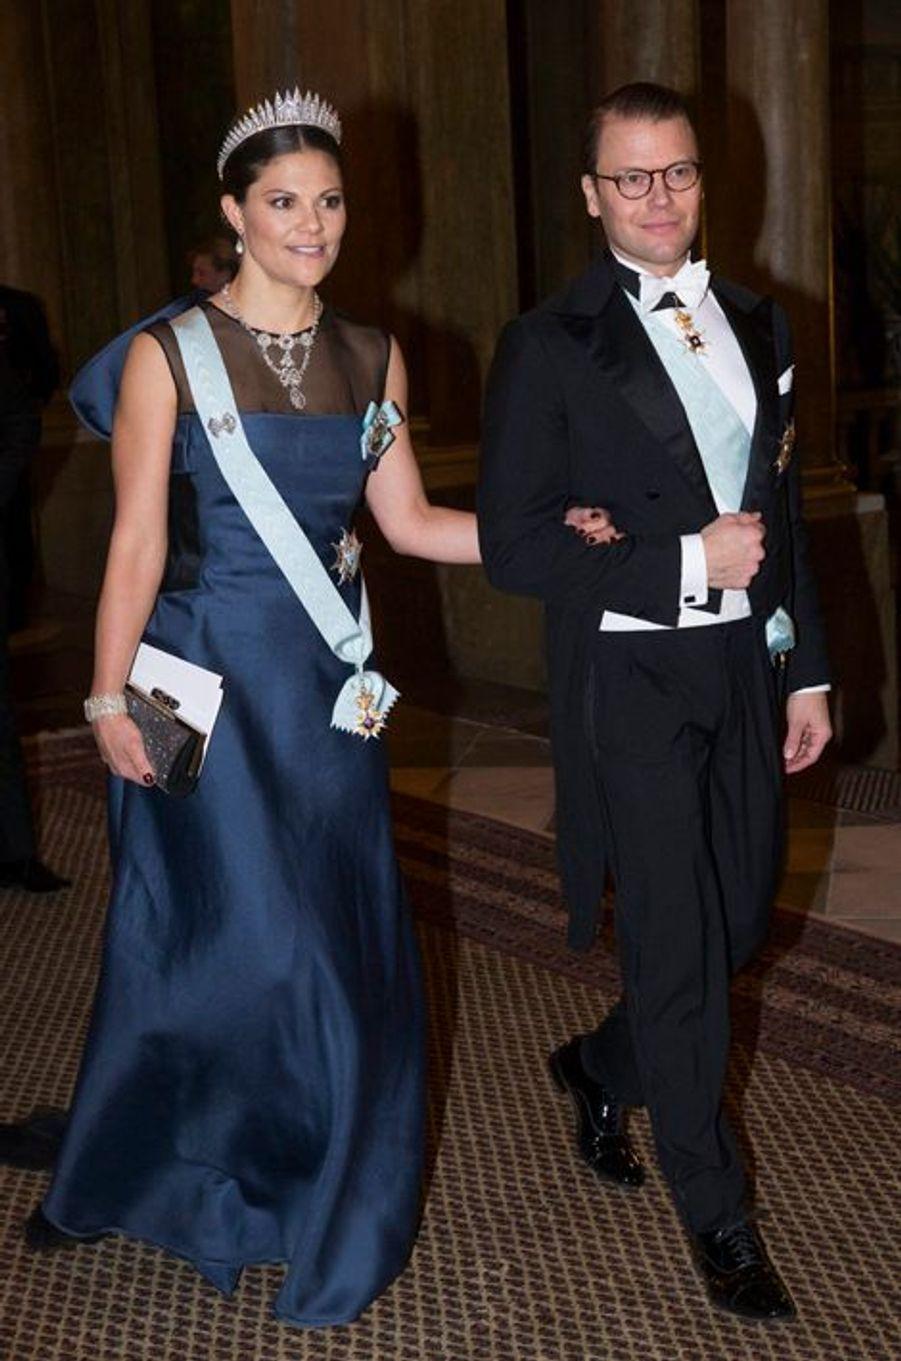 La princesse Victoria de Suède et le prince Daniel, son mari, au palais royal à Stockholm, le 11 décembre 2014